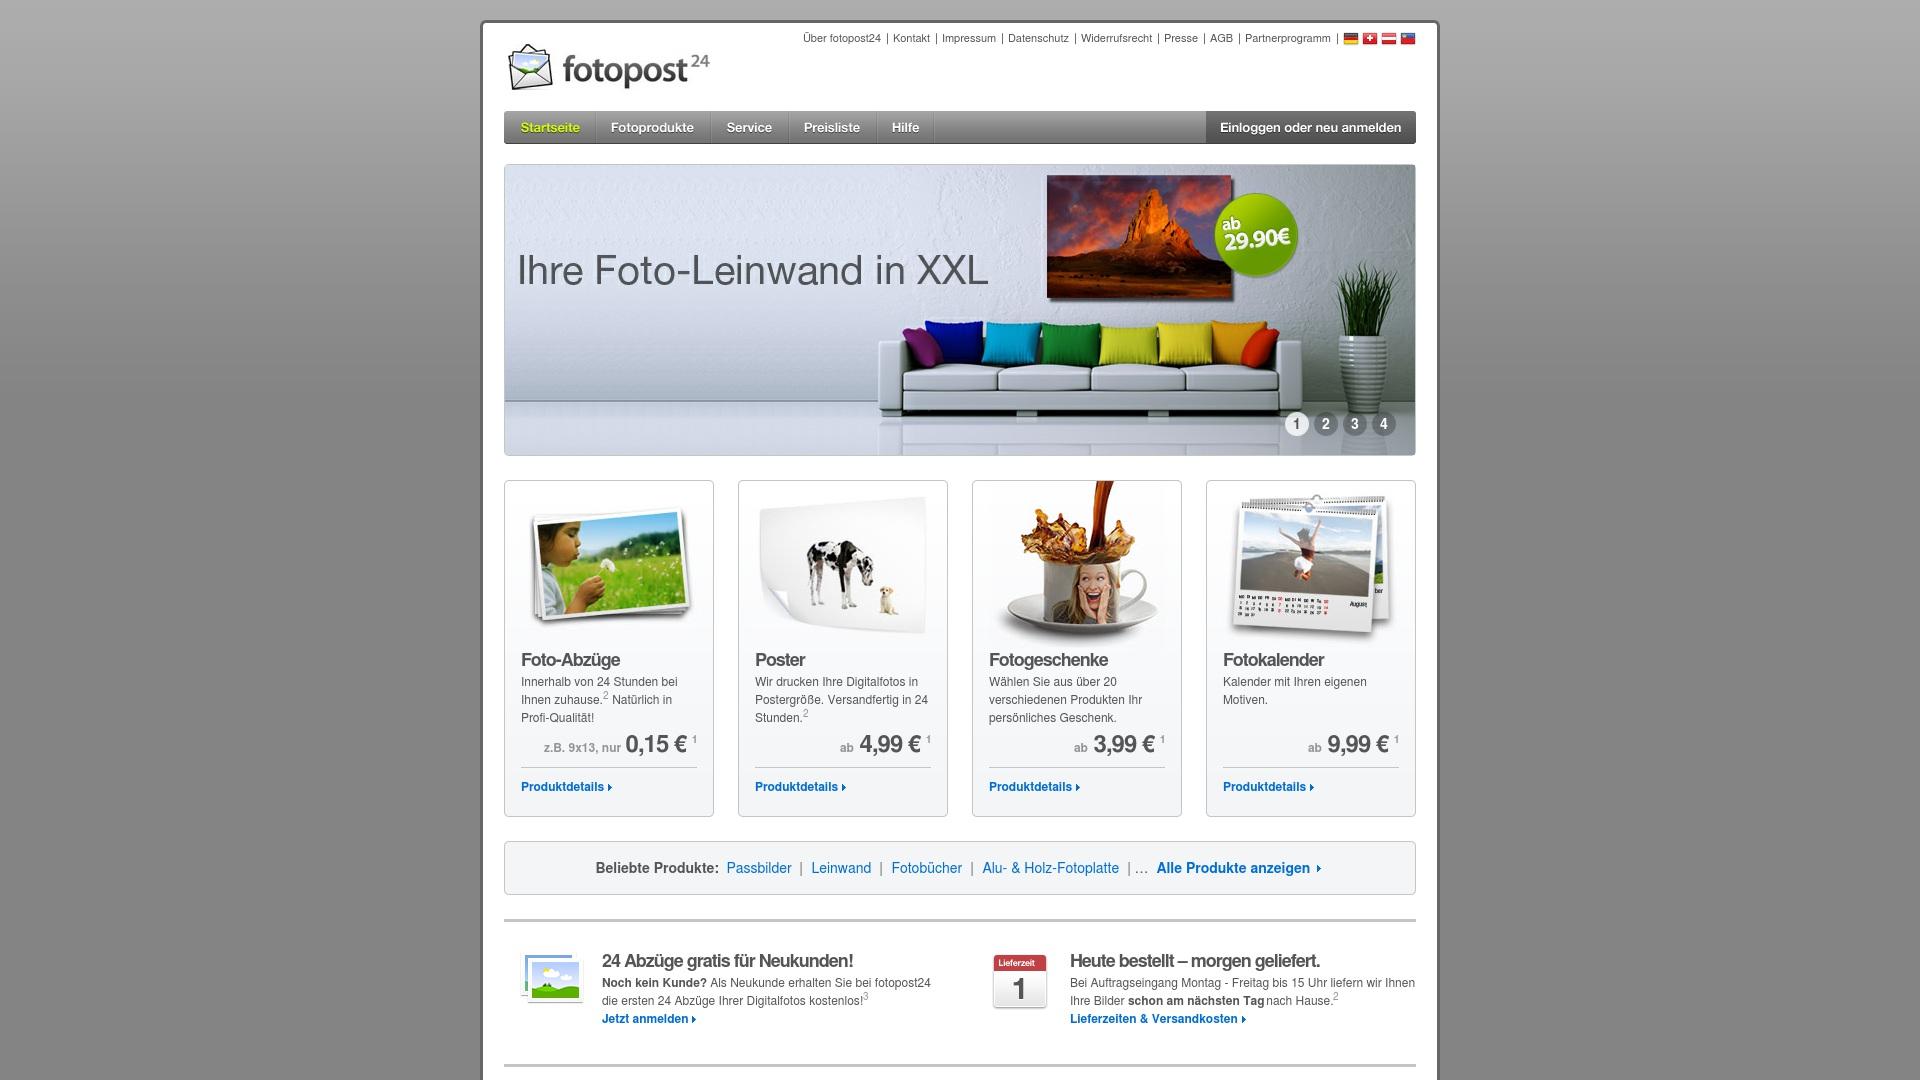 Geld zurück bei Fotopost24: Jetzt im September 2021 Cashback für Fotopost24 sichern